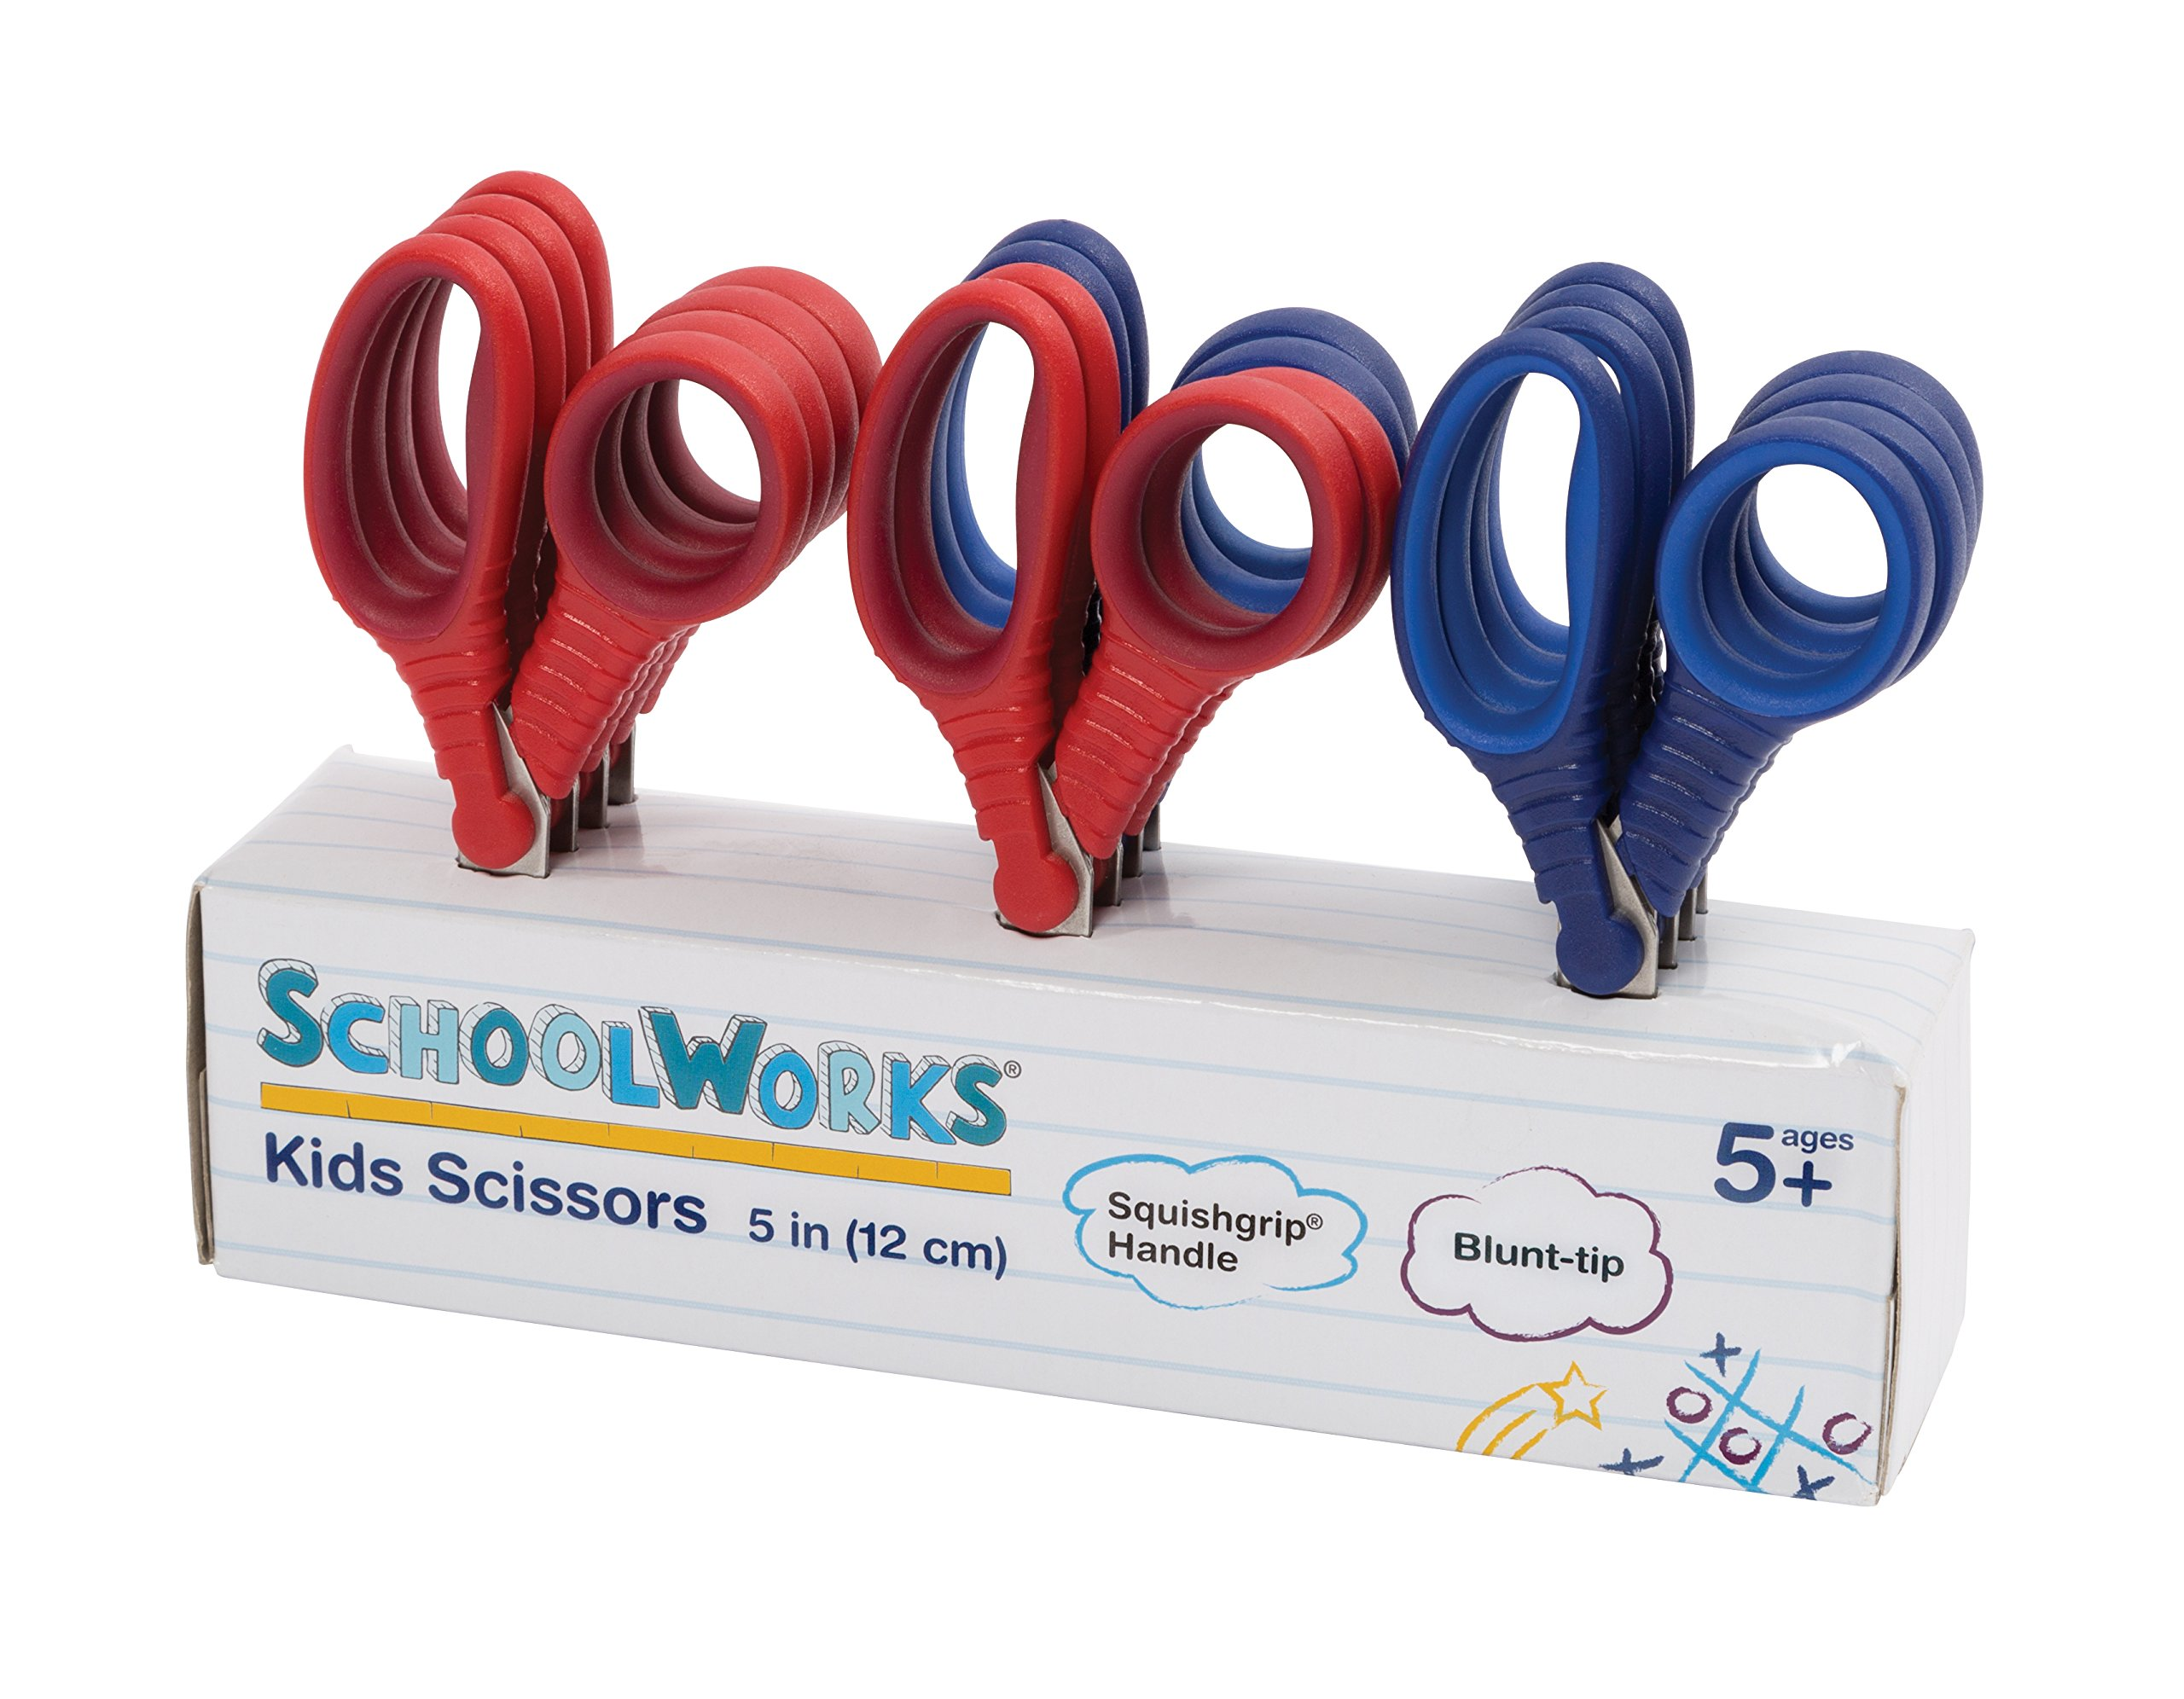 Schoolworks 153520-1004 Blunt Kids Scissors Classpack of 12, 5 Inch